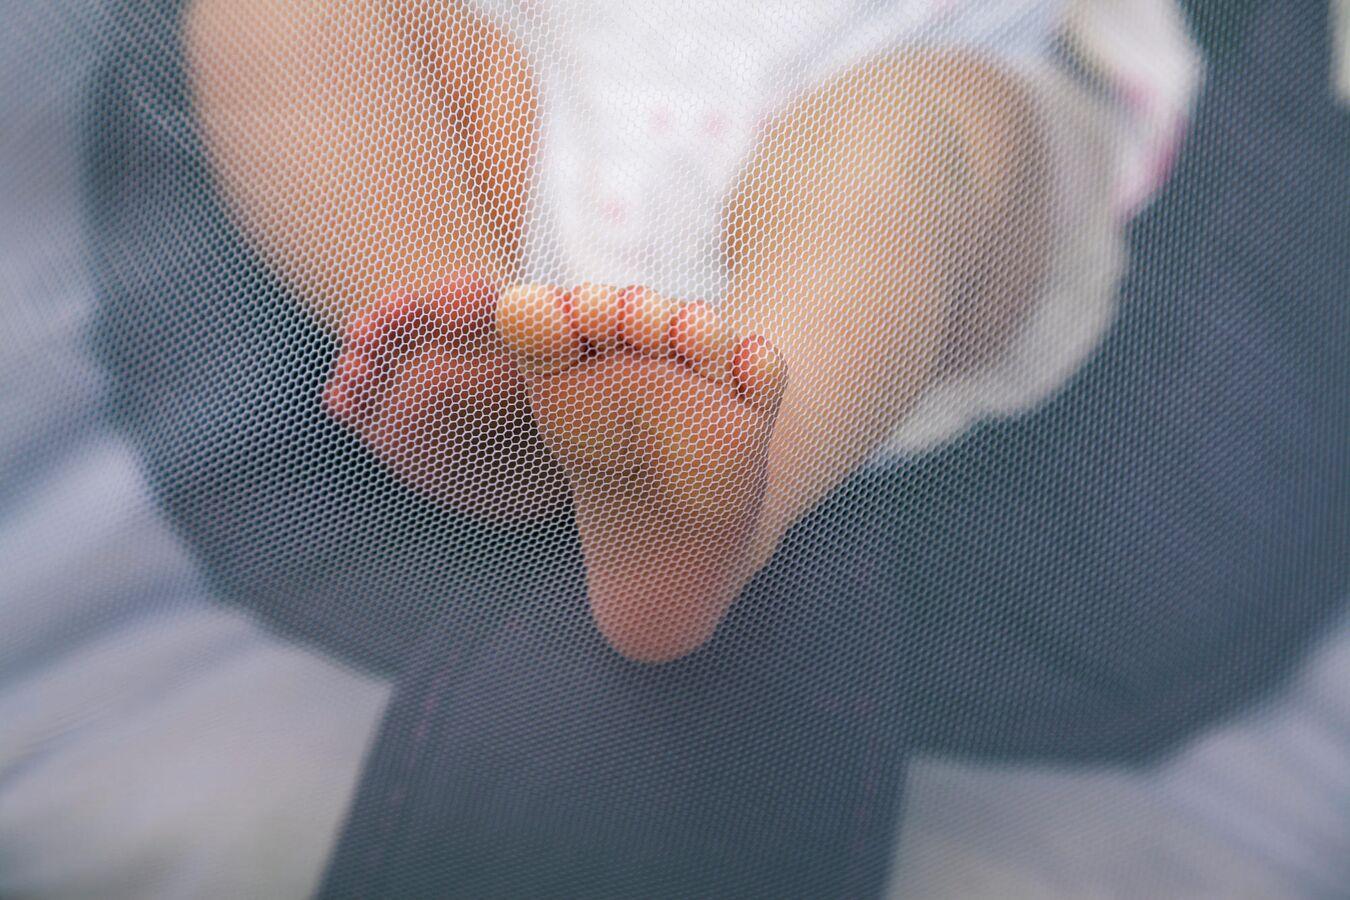 Из-за москитных сеток ежегодно гибнут сотни детей